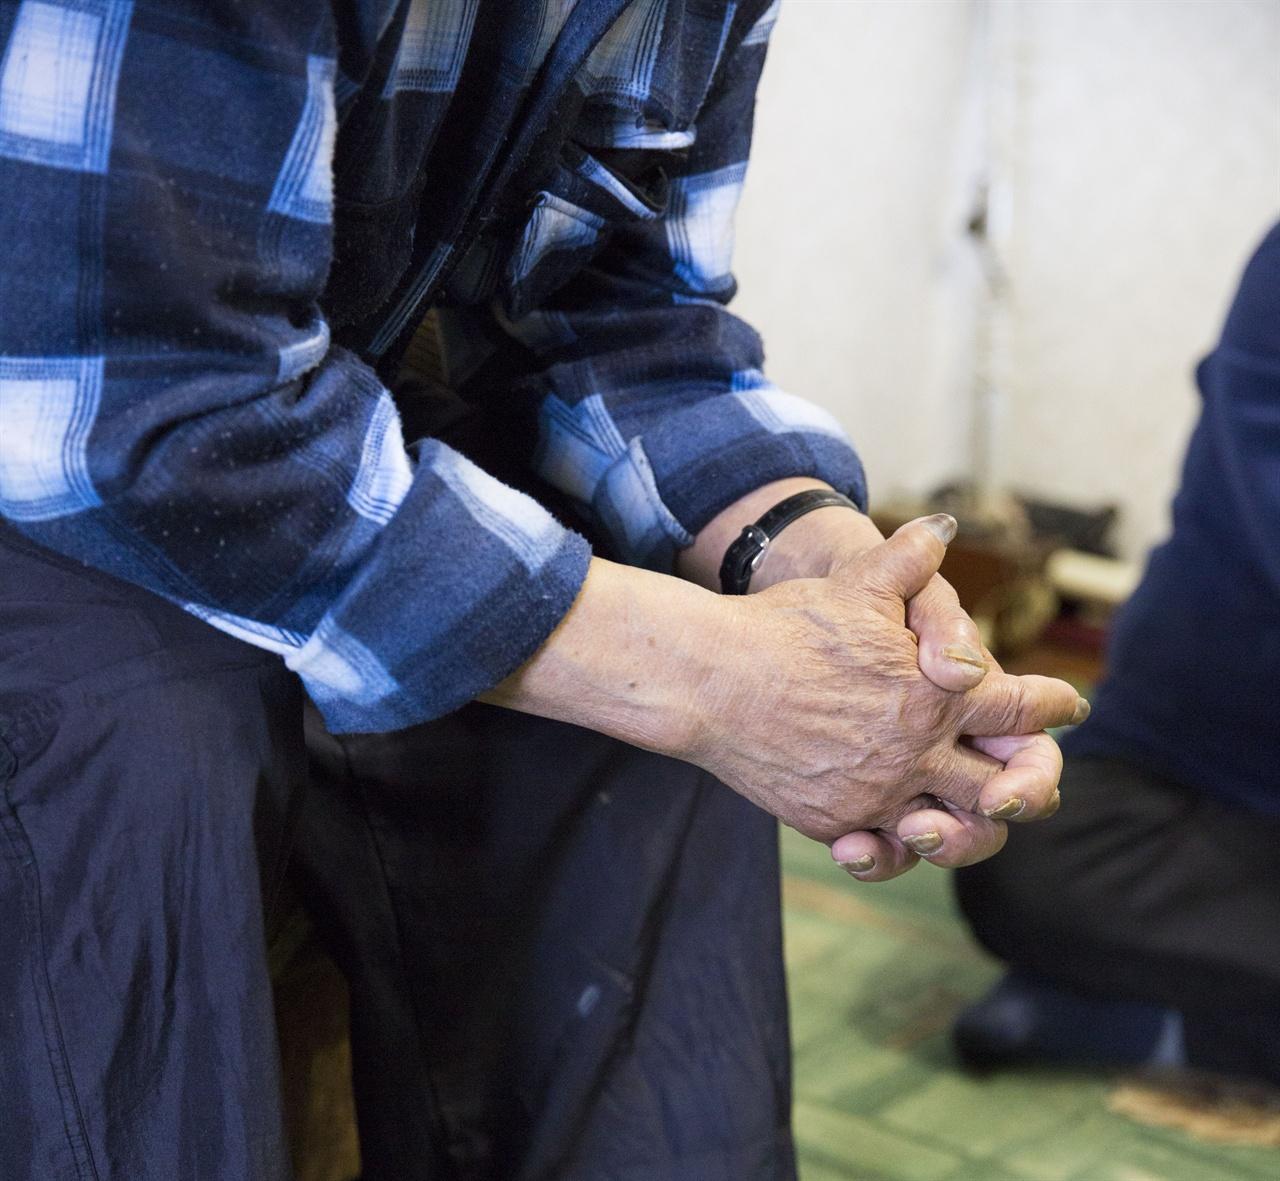 김윤덕 할아버지    37년간 탄광에서 강제노동을 해야만 했던 김 할아버지의 몸에는 고단한 삶의 흔적이 그대로 남아 있다. 손톱은 아직도 석탄물이 빠지지 않아 시커멓다.